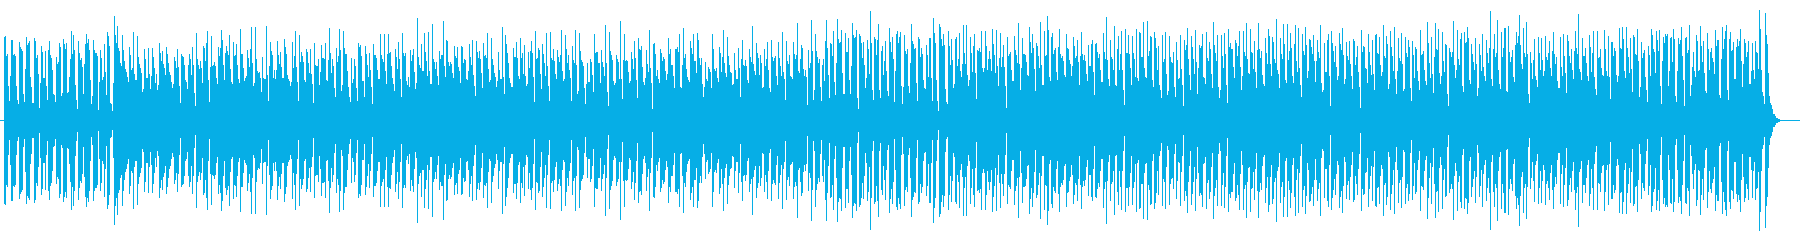 思わず歩き出してしまうようなポップ音楽の再生済みの波形